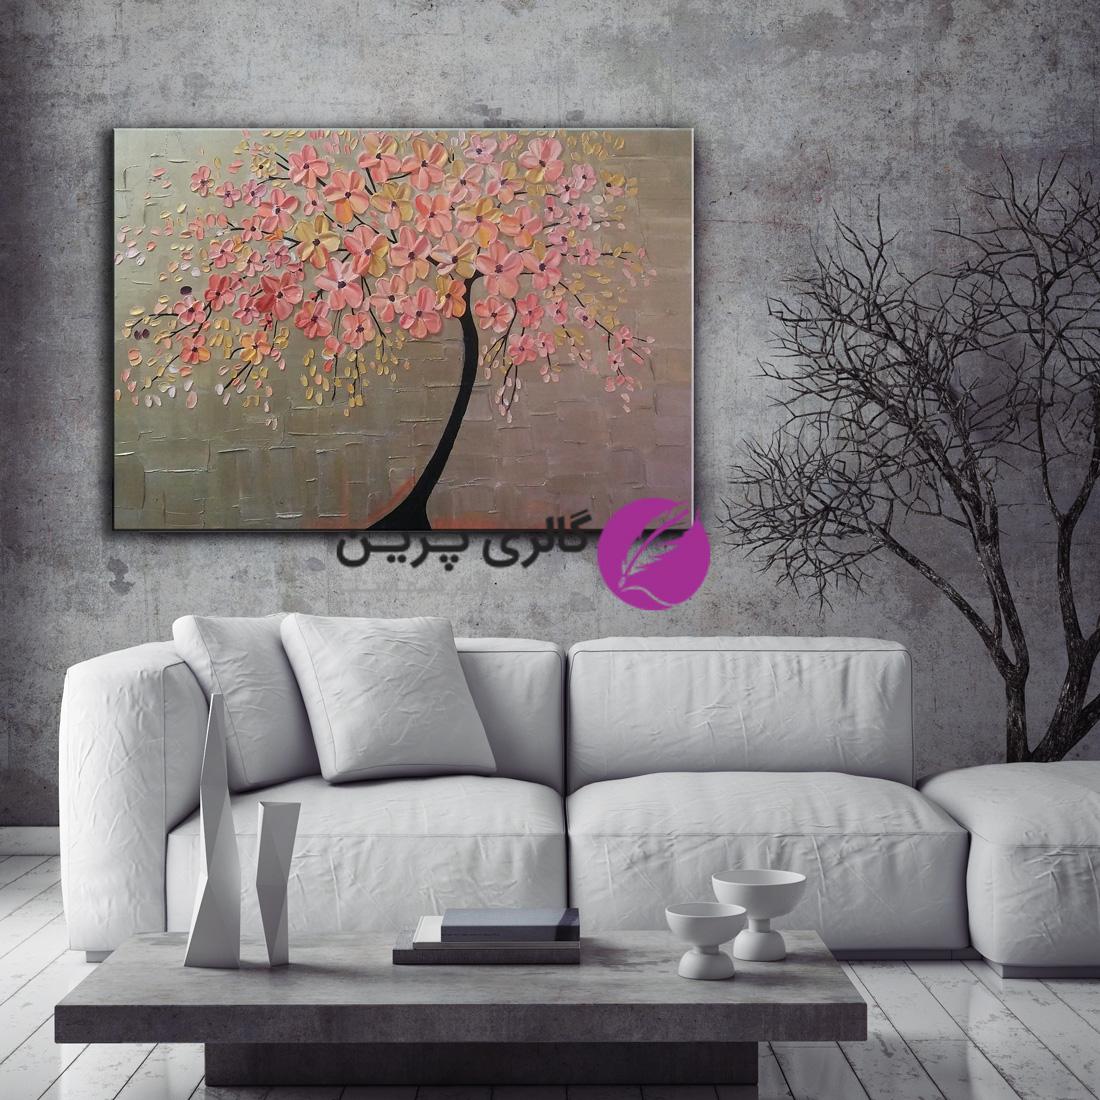 تابلو نقاشی،قروش تابلو نقاشی مدرن،نقاشی درخت و گل،تابلو نقاشی گل برجسته